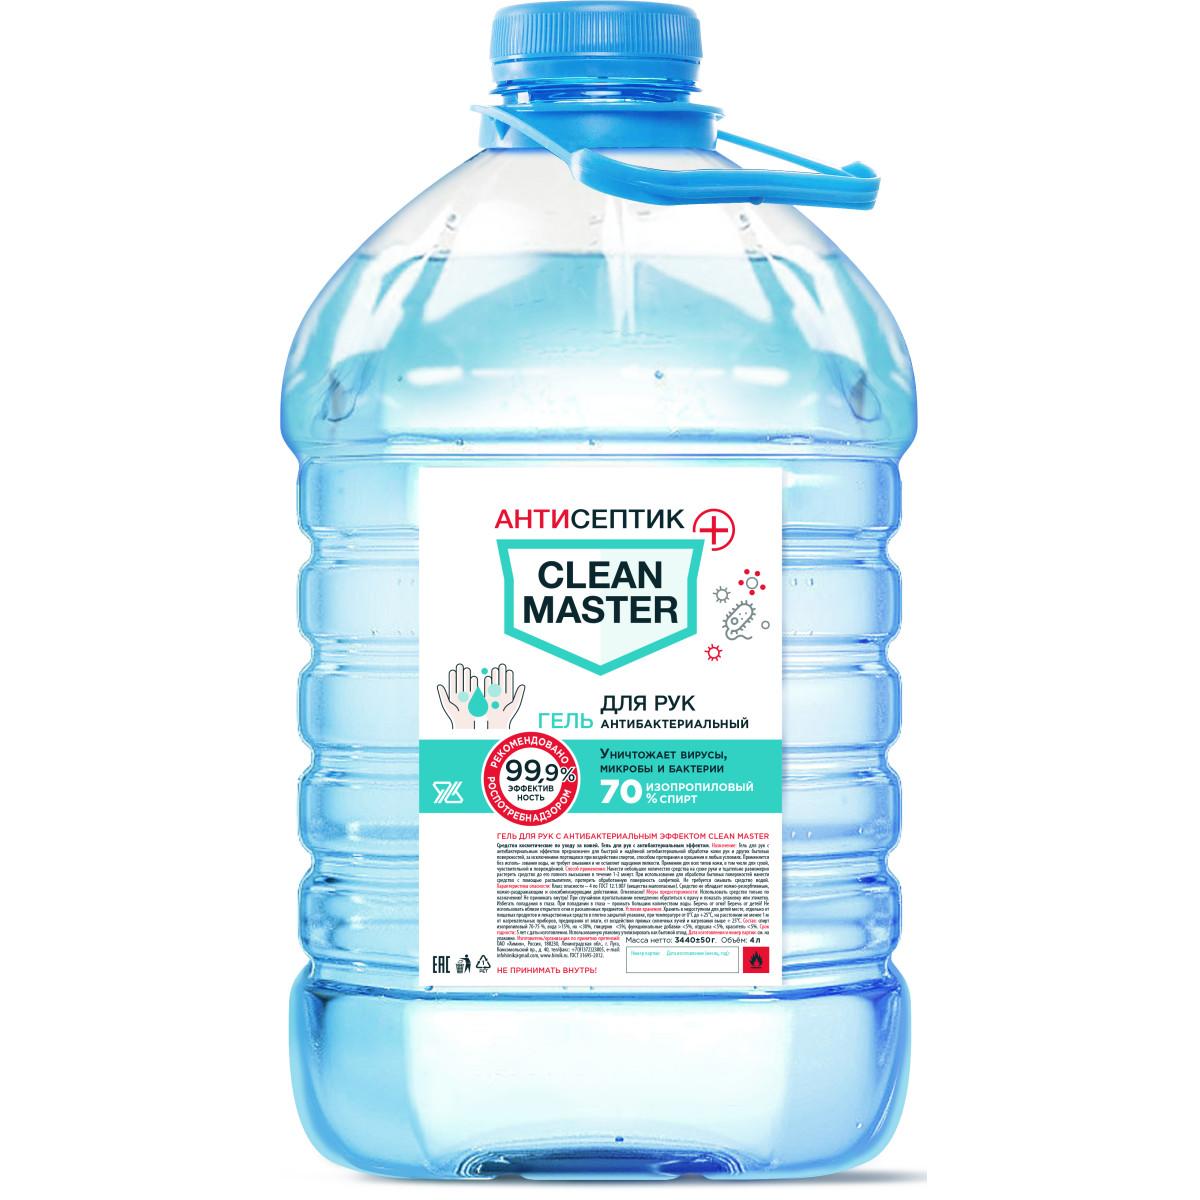 Антибактериальный гель для рук Clean Master на основе изопропилового спирта 70% % 4 л